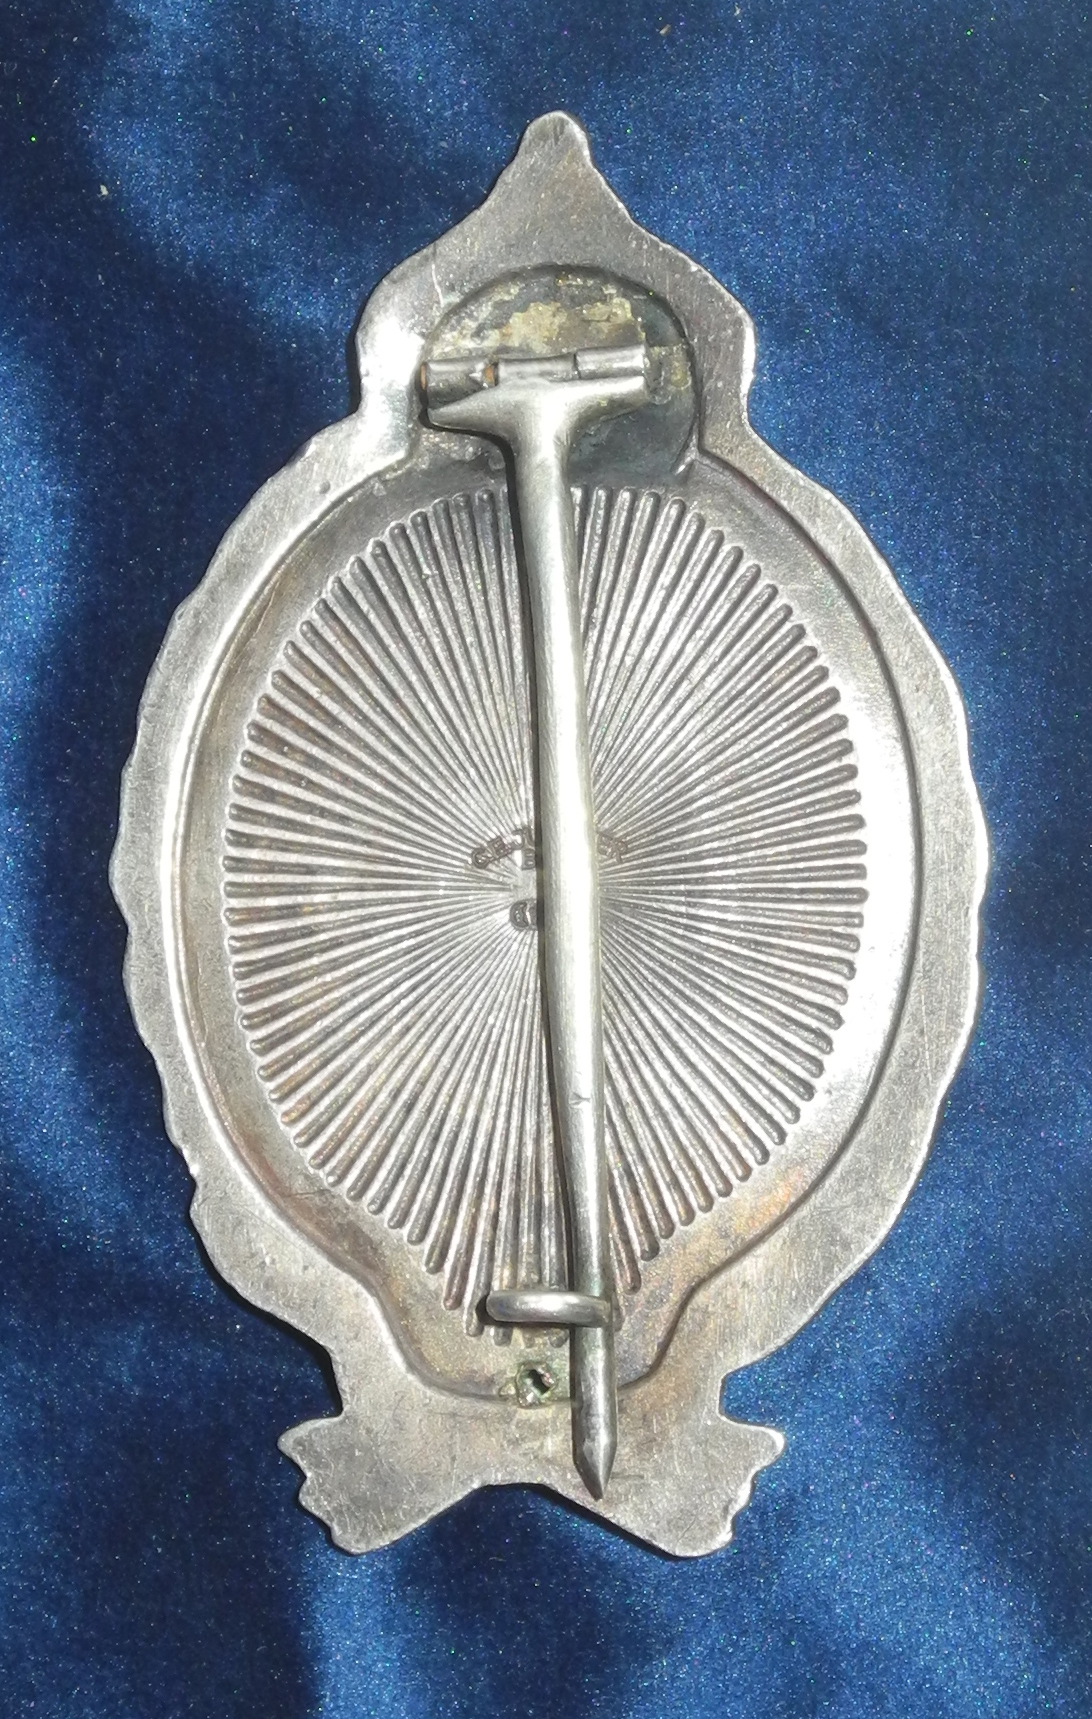 Imperial German pilot's badge